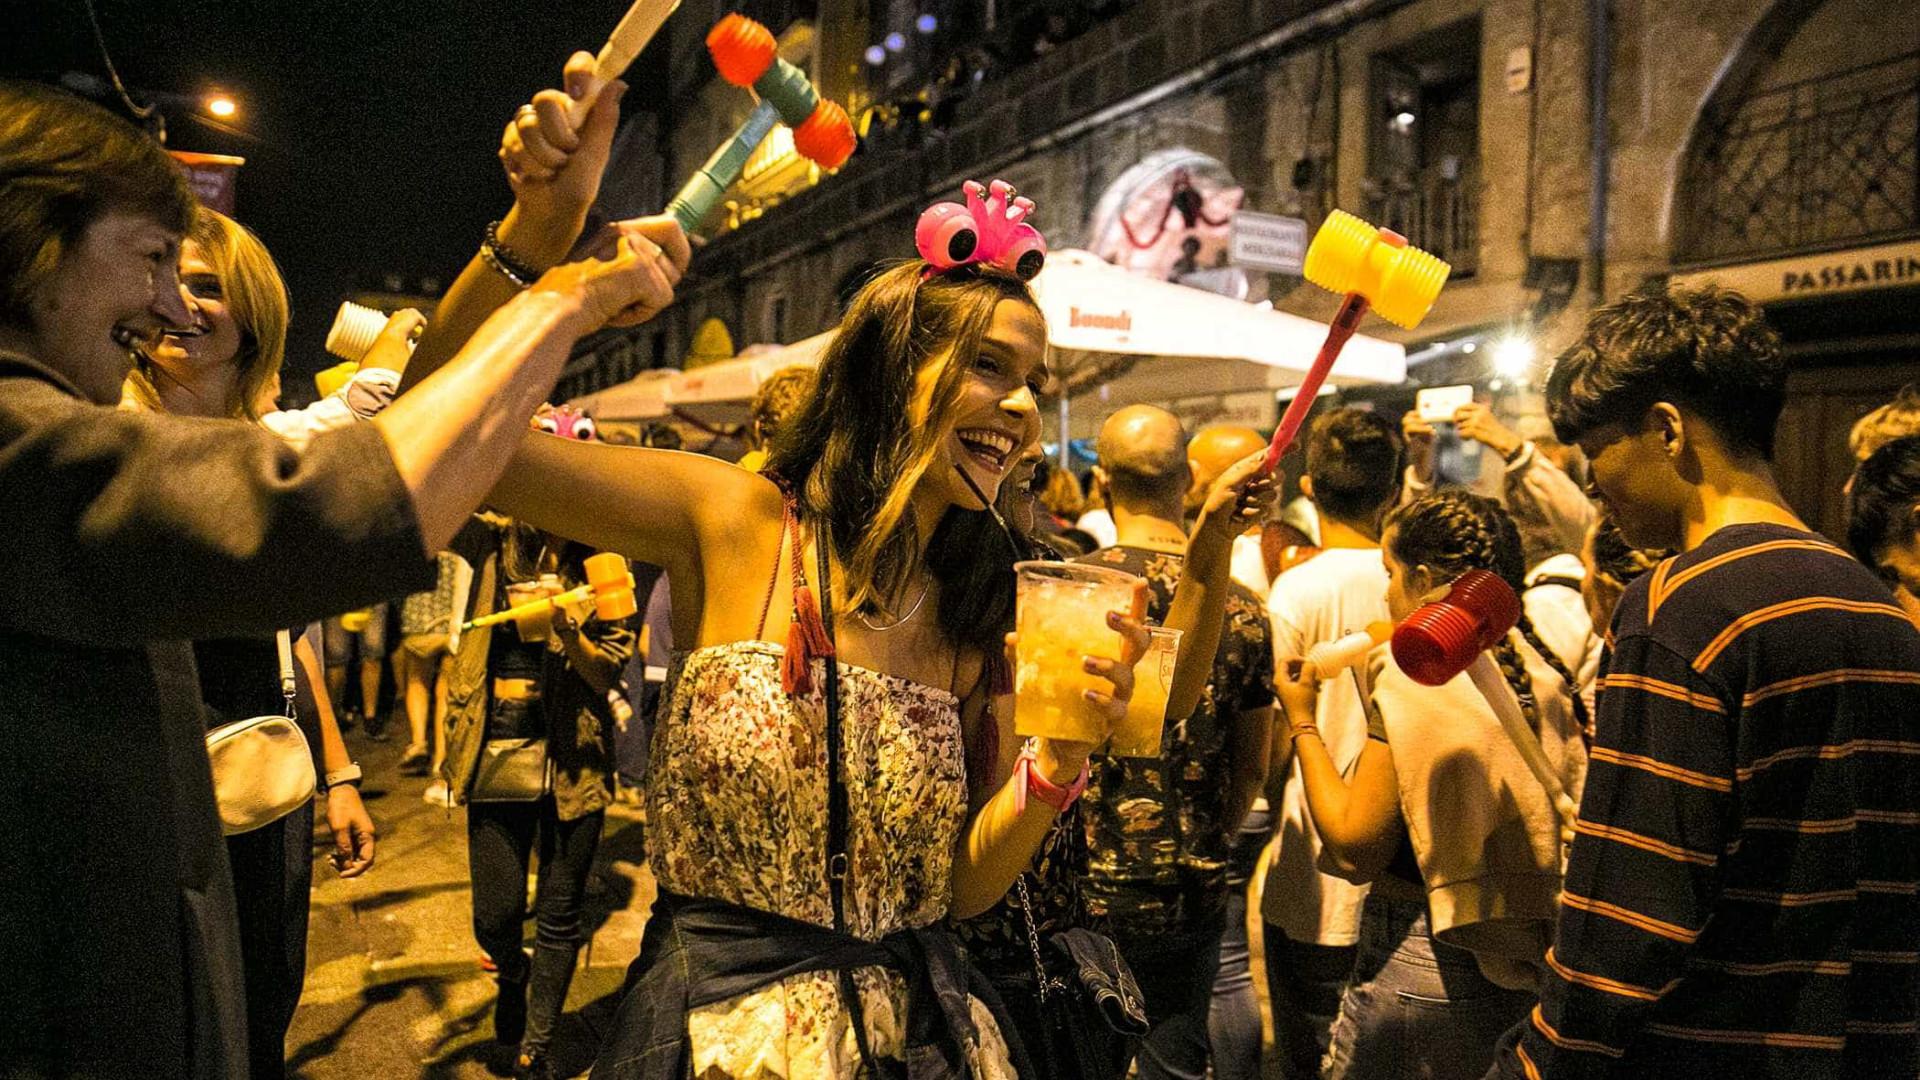 Balões ficaram de fora, mas não faltou alegria no São João do Porto